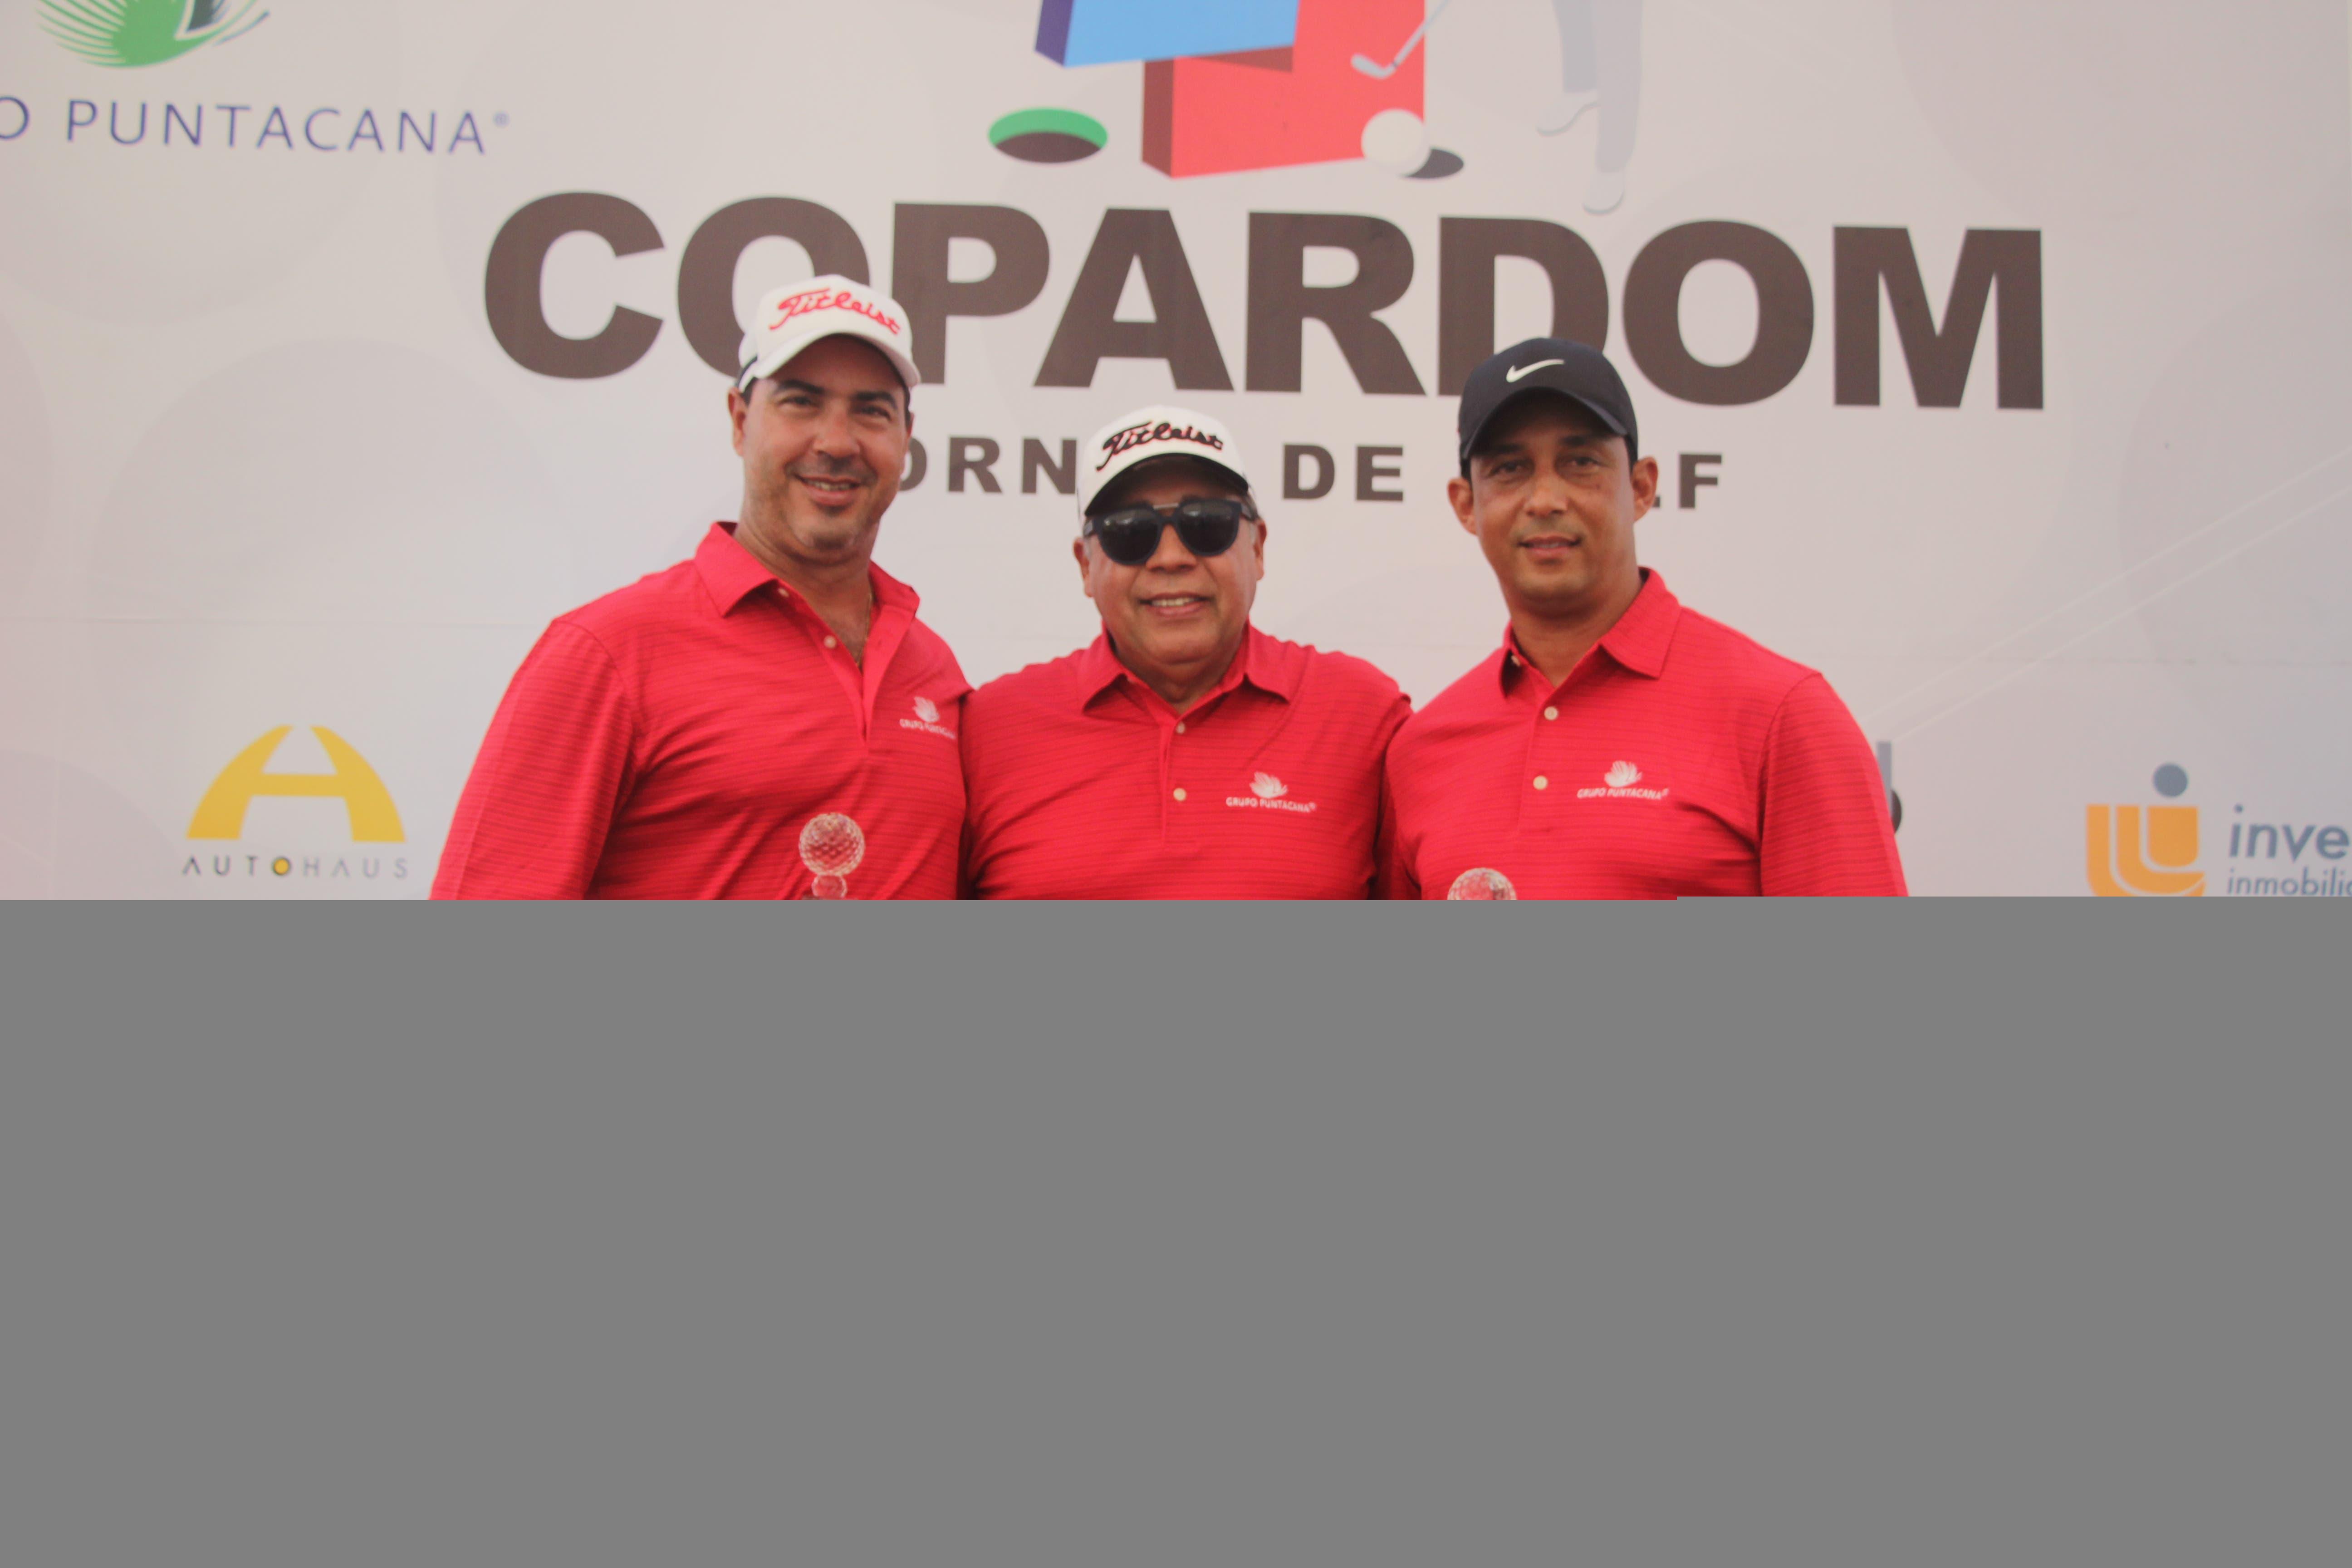 Presidente de COPARDOM (al centro), Fermin Acosta, con los ganadores Marcel Olivares (izquierda) y Cesar Rodríguez (derecha).